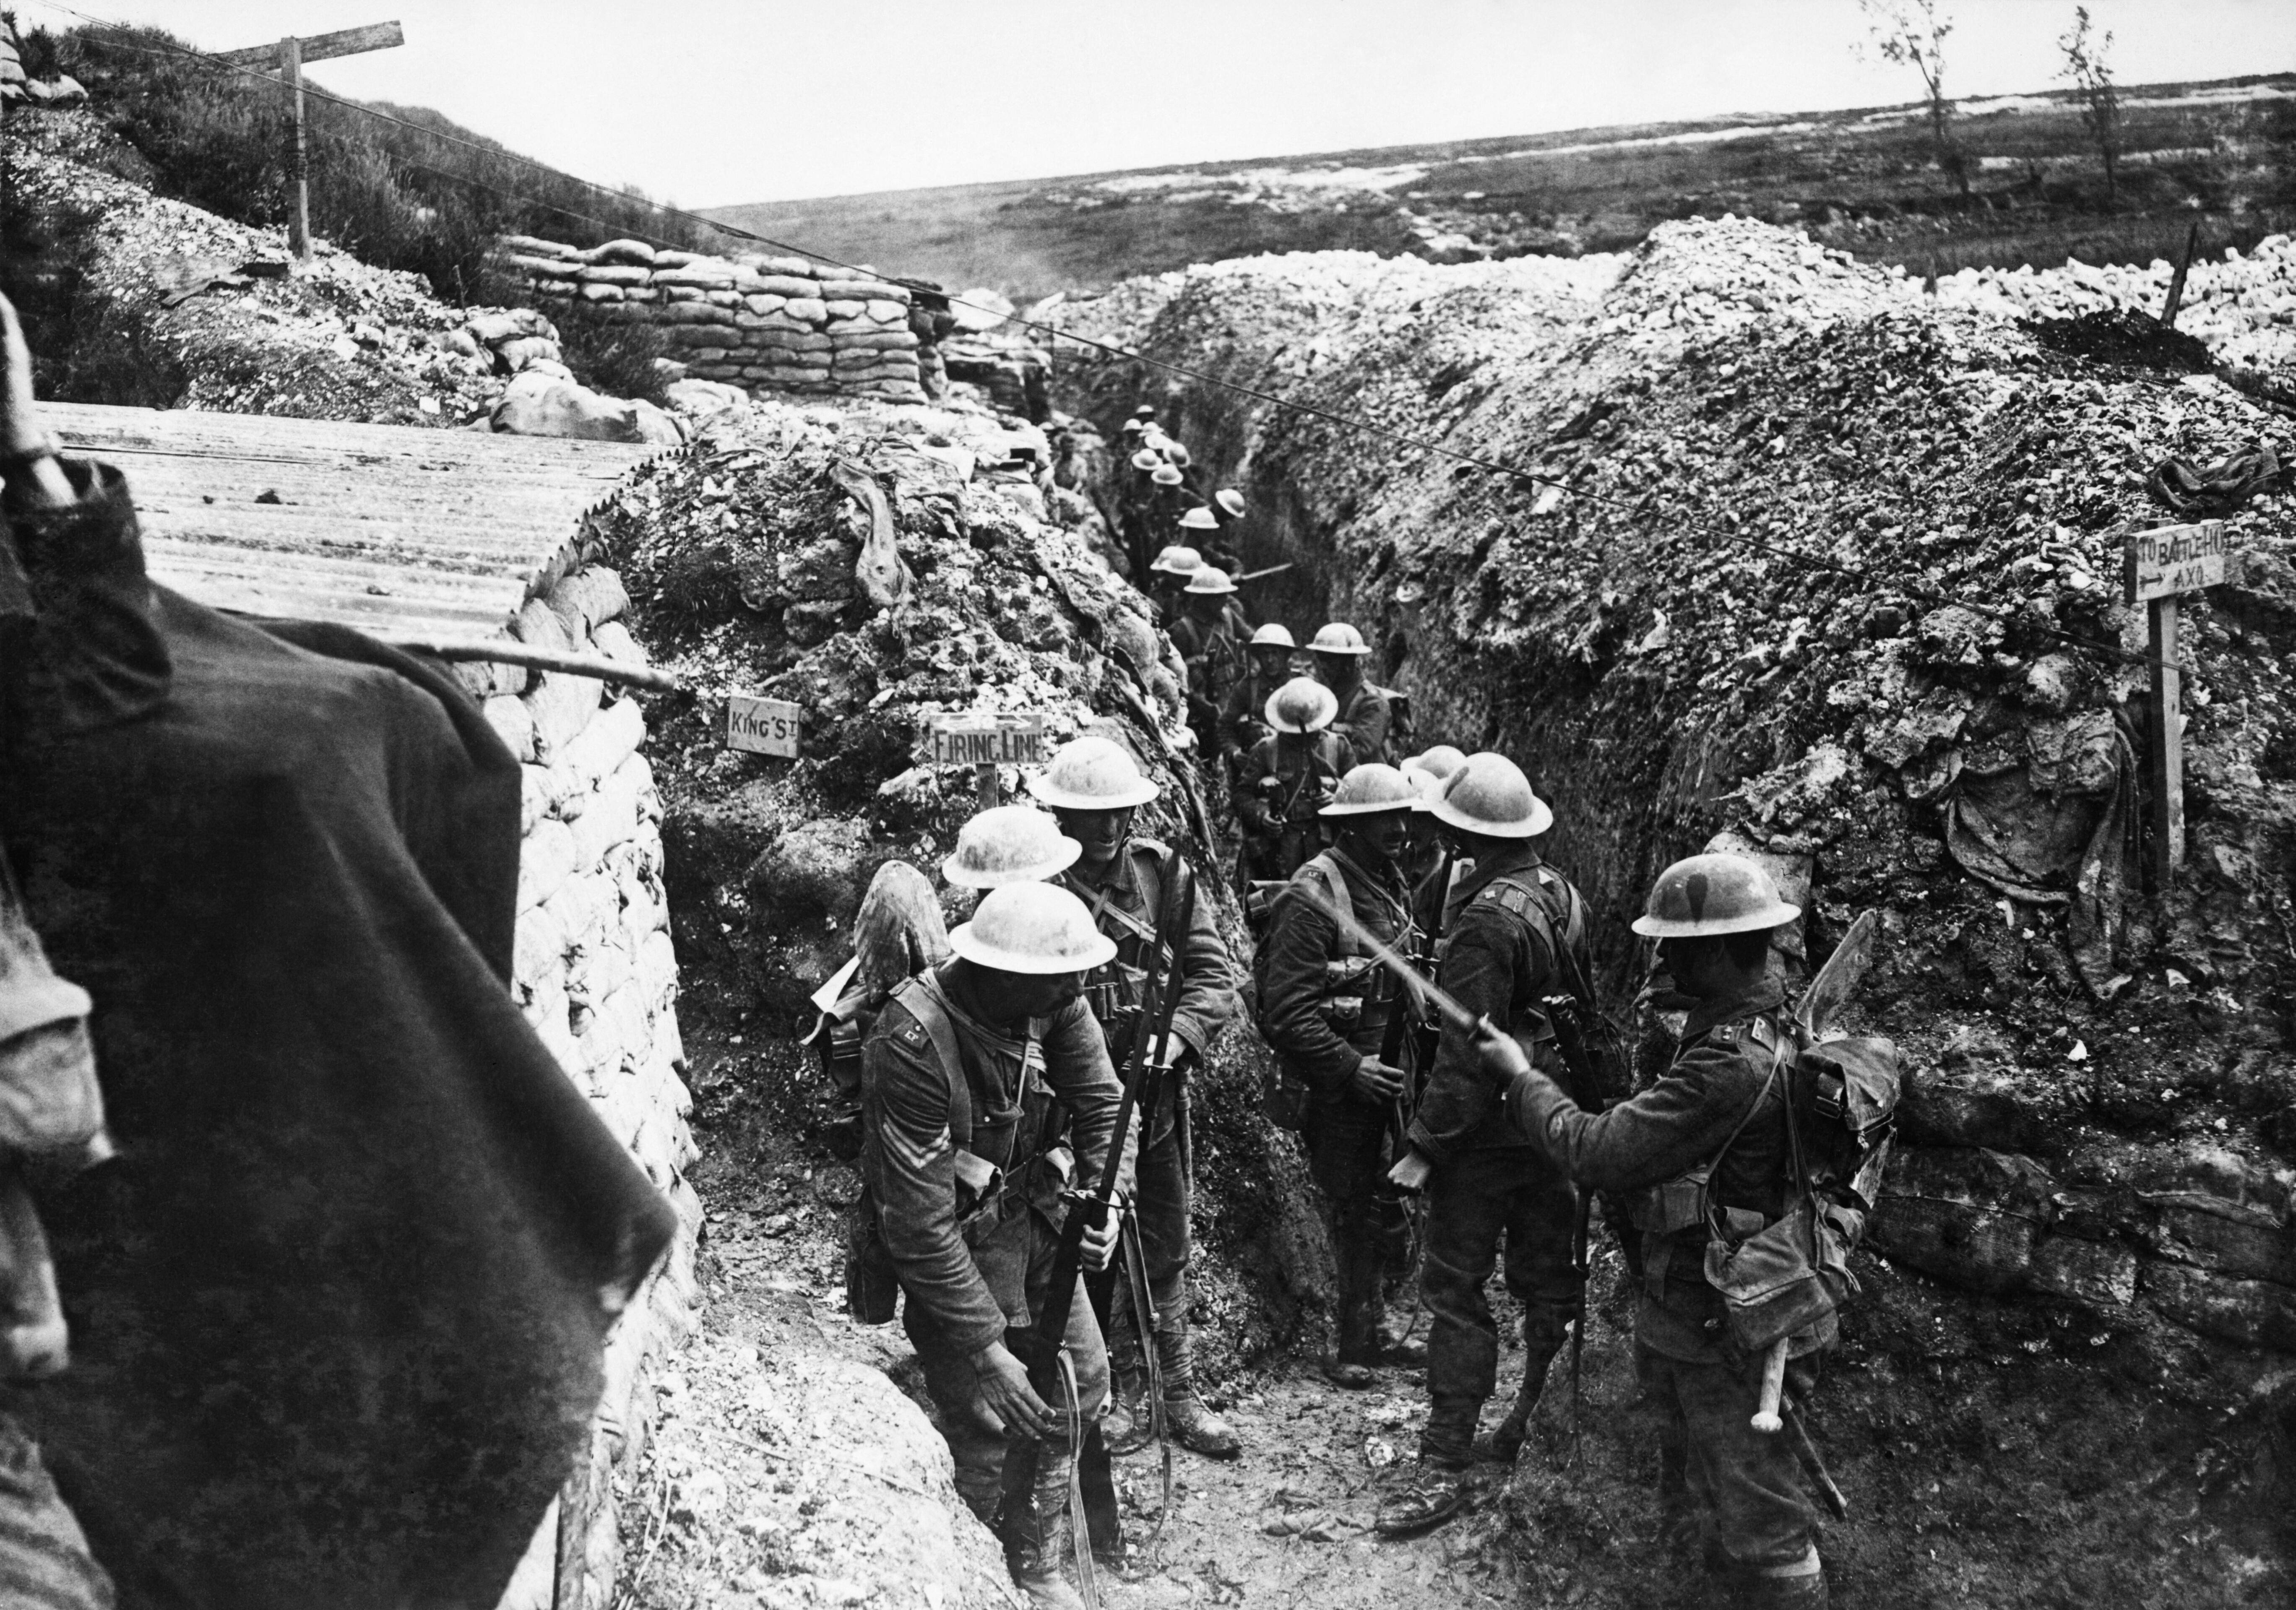 ملخص ساحه الحرب الاوروبيه في الحرب العالميه الاولى  Lancashire_Fusiliers_trench_Beaumont_Hamel_1916